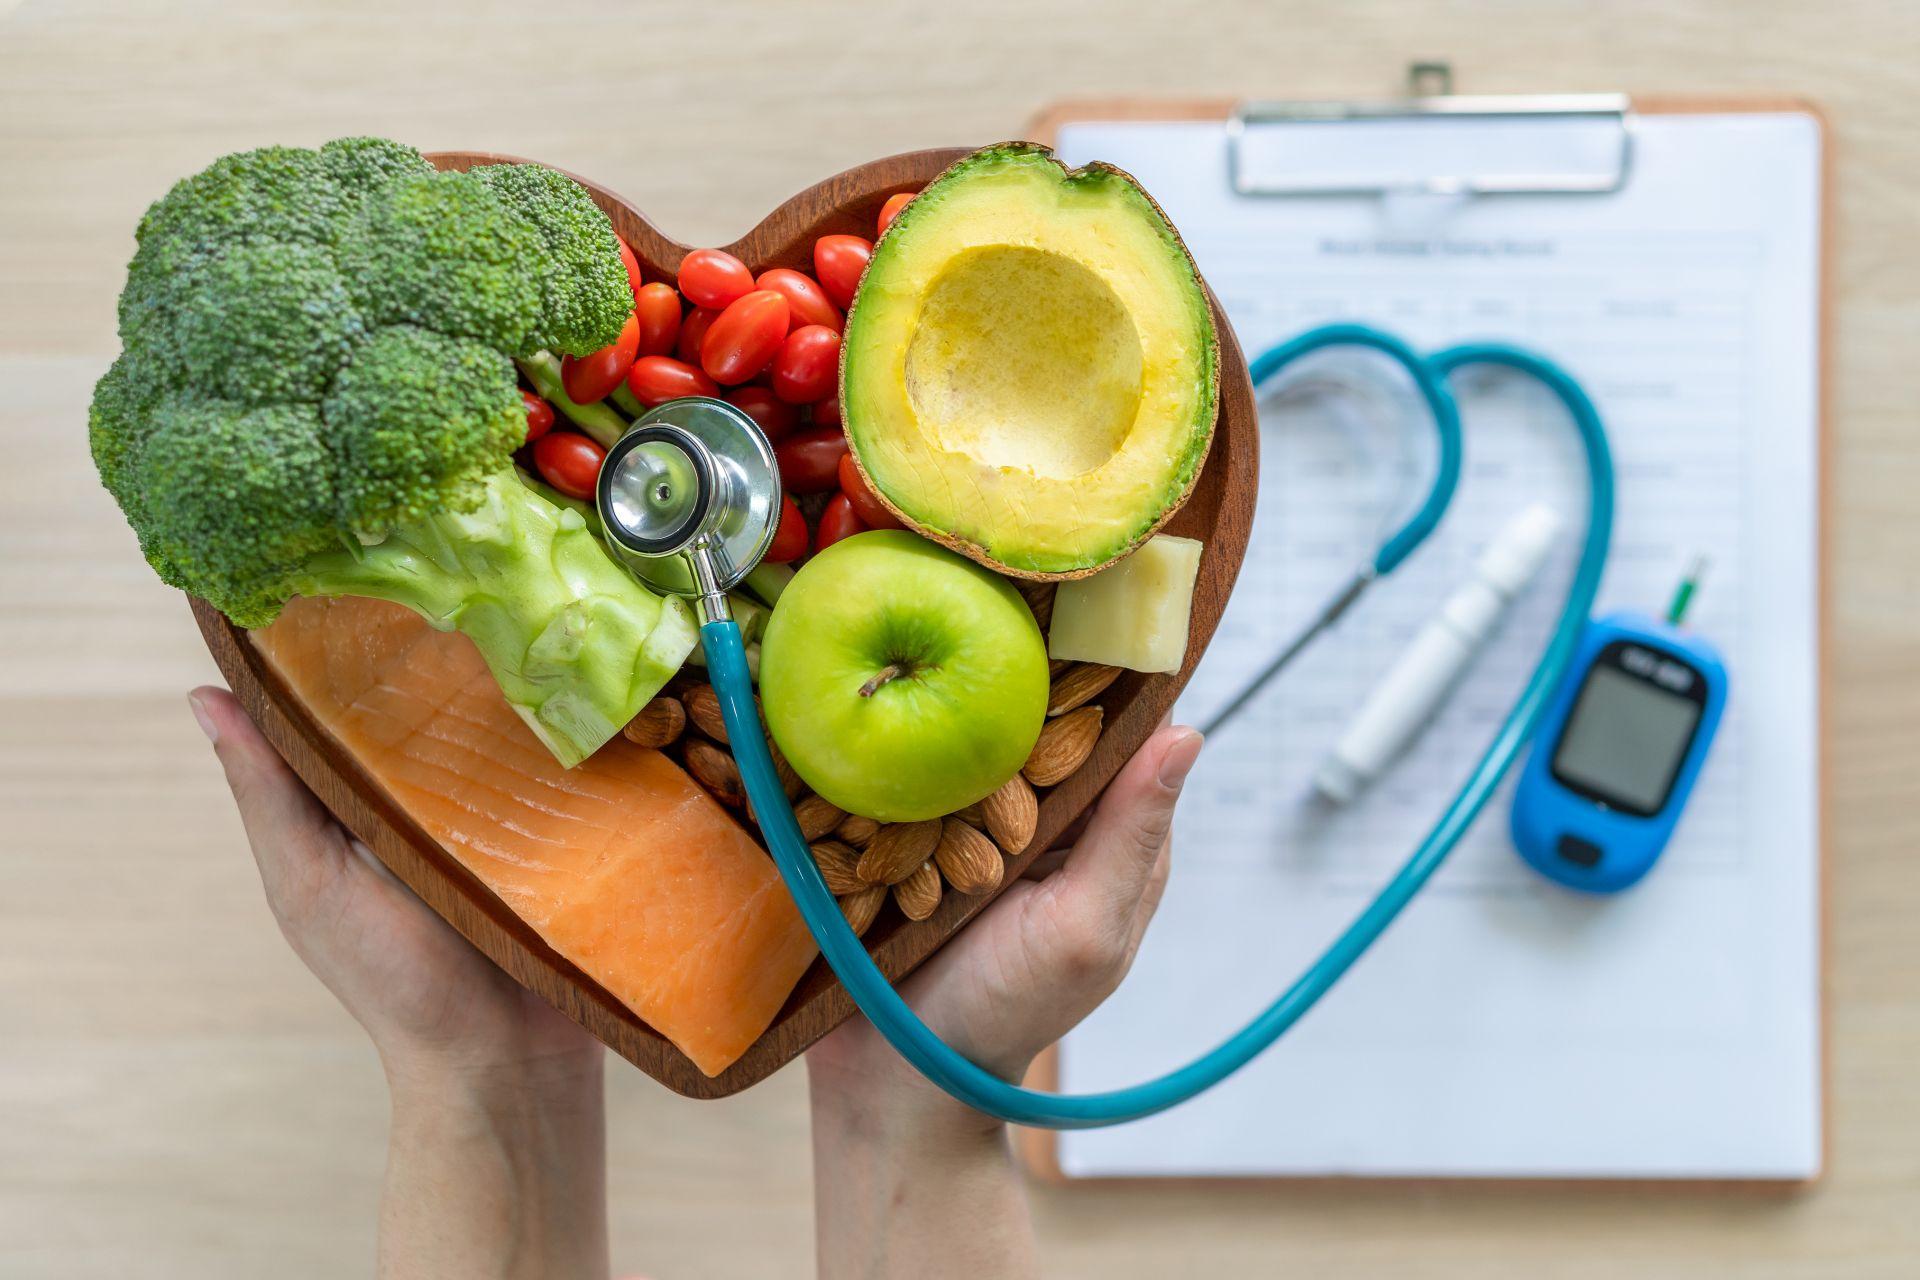 Jak obniżyć cholesterol LDL? Norma cholesterolu całkowitego, HDL i trójglicerydów oraz złego cholesterolu pomoże wskazać ich stężenie w organizmie oraz reagować odpowiednio szybko, aby niwelować ryzyko wystąpienia chorób serca. Działaj profilaktycznie - połącz aktywność fizyczną ze zdrową dietą bogatą w sterole roślinne, które skutecznie obniżają cholesterol nawet o 7-10% już w 2-3 tygodnie.